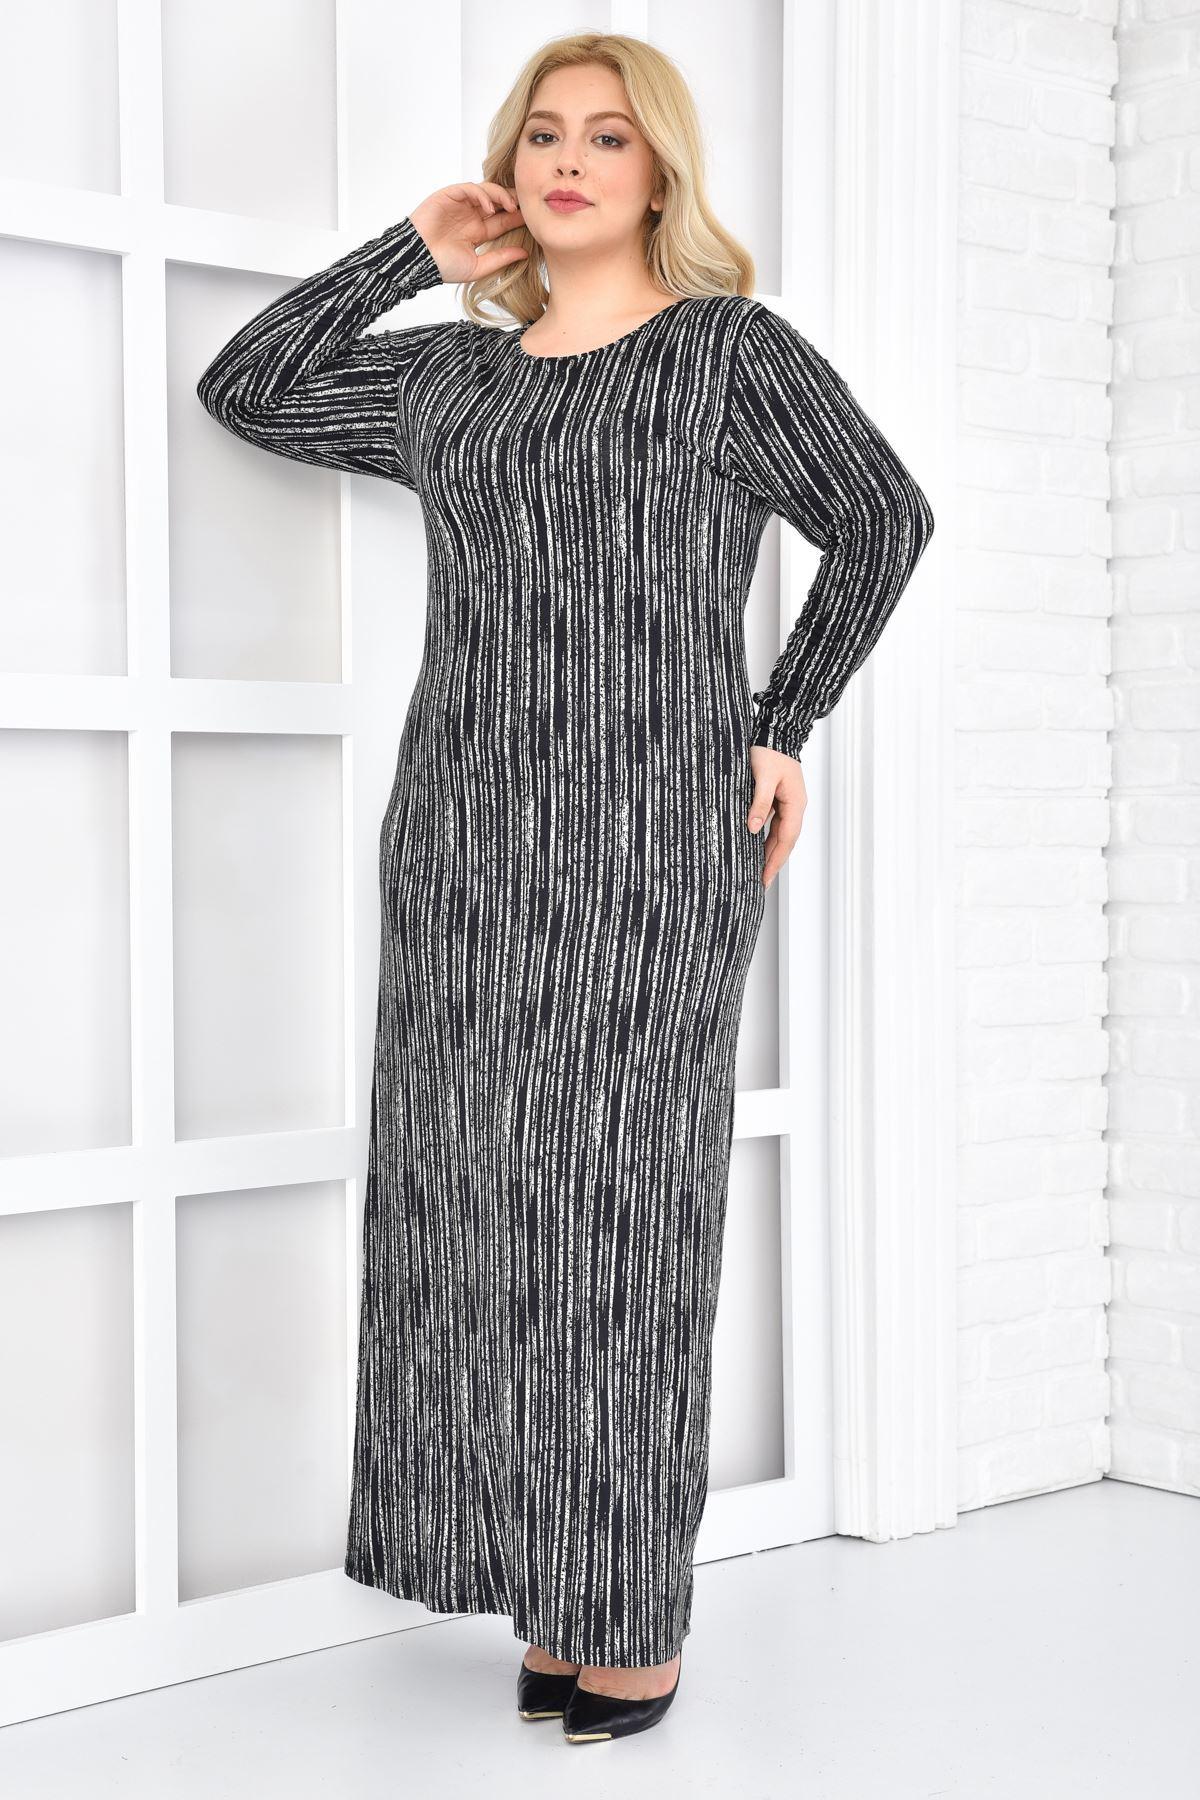 Fupe Büyük Beden Uzun Elbise Siyah Kadın Çizgili Desen